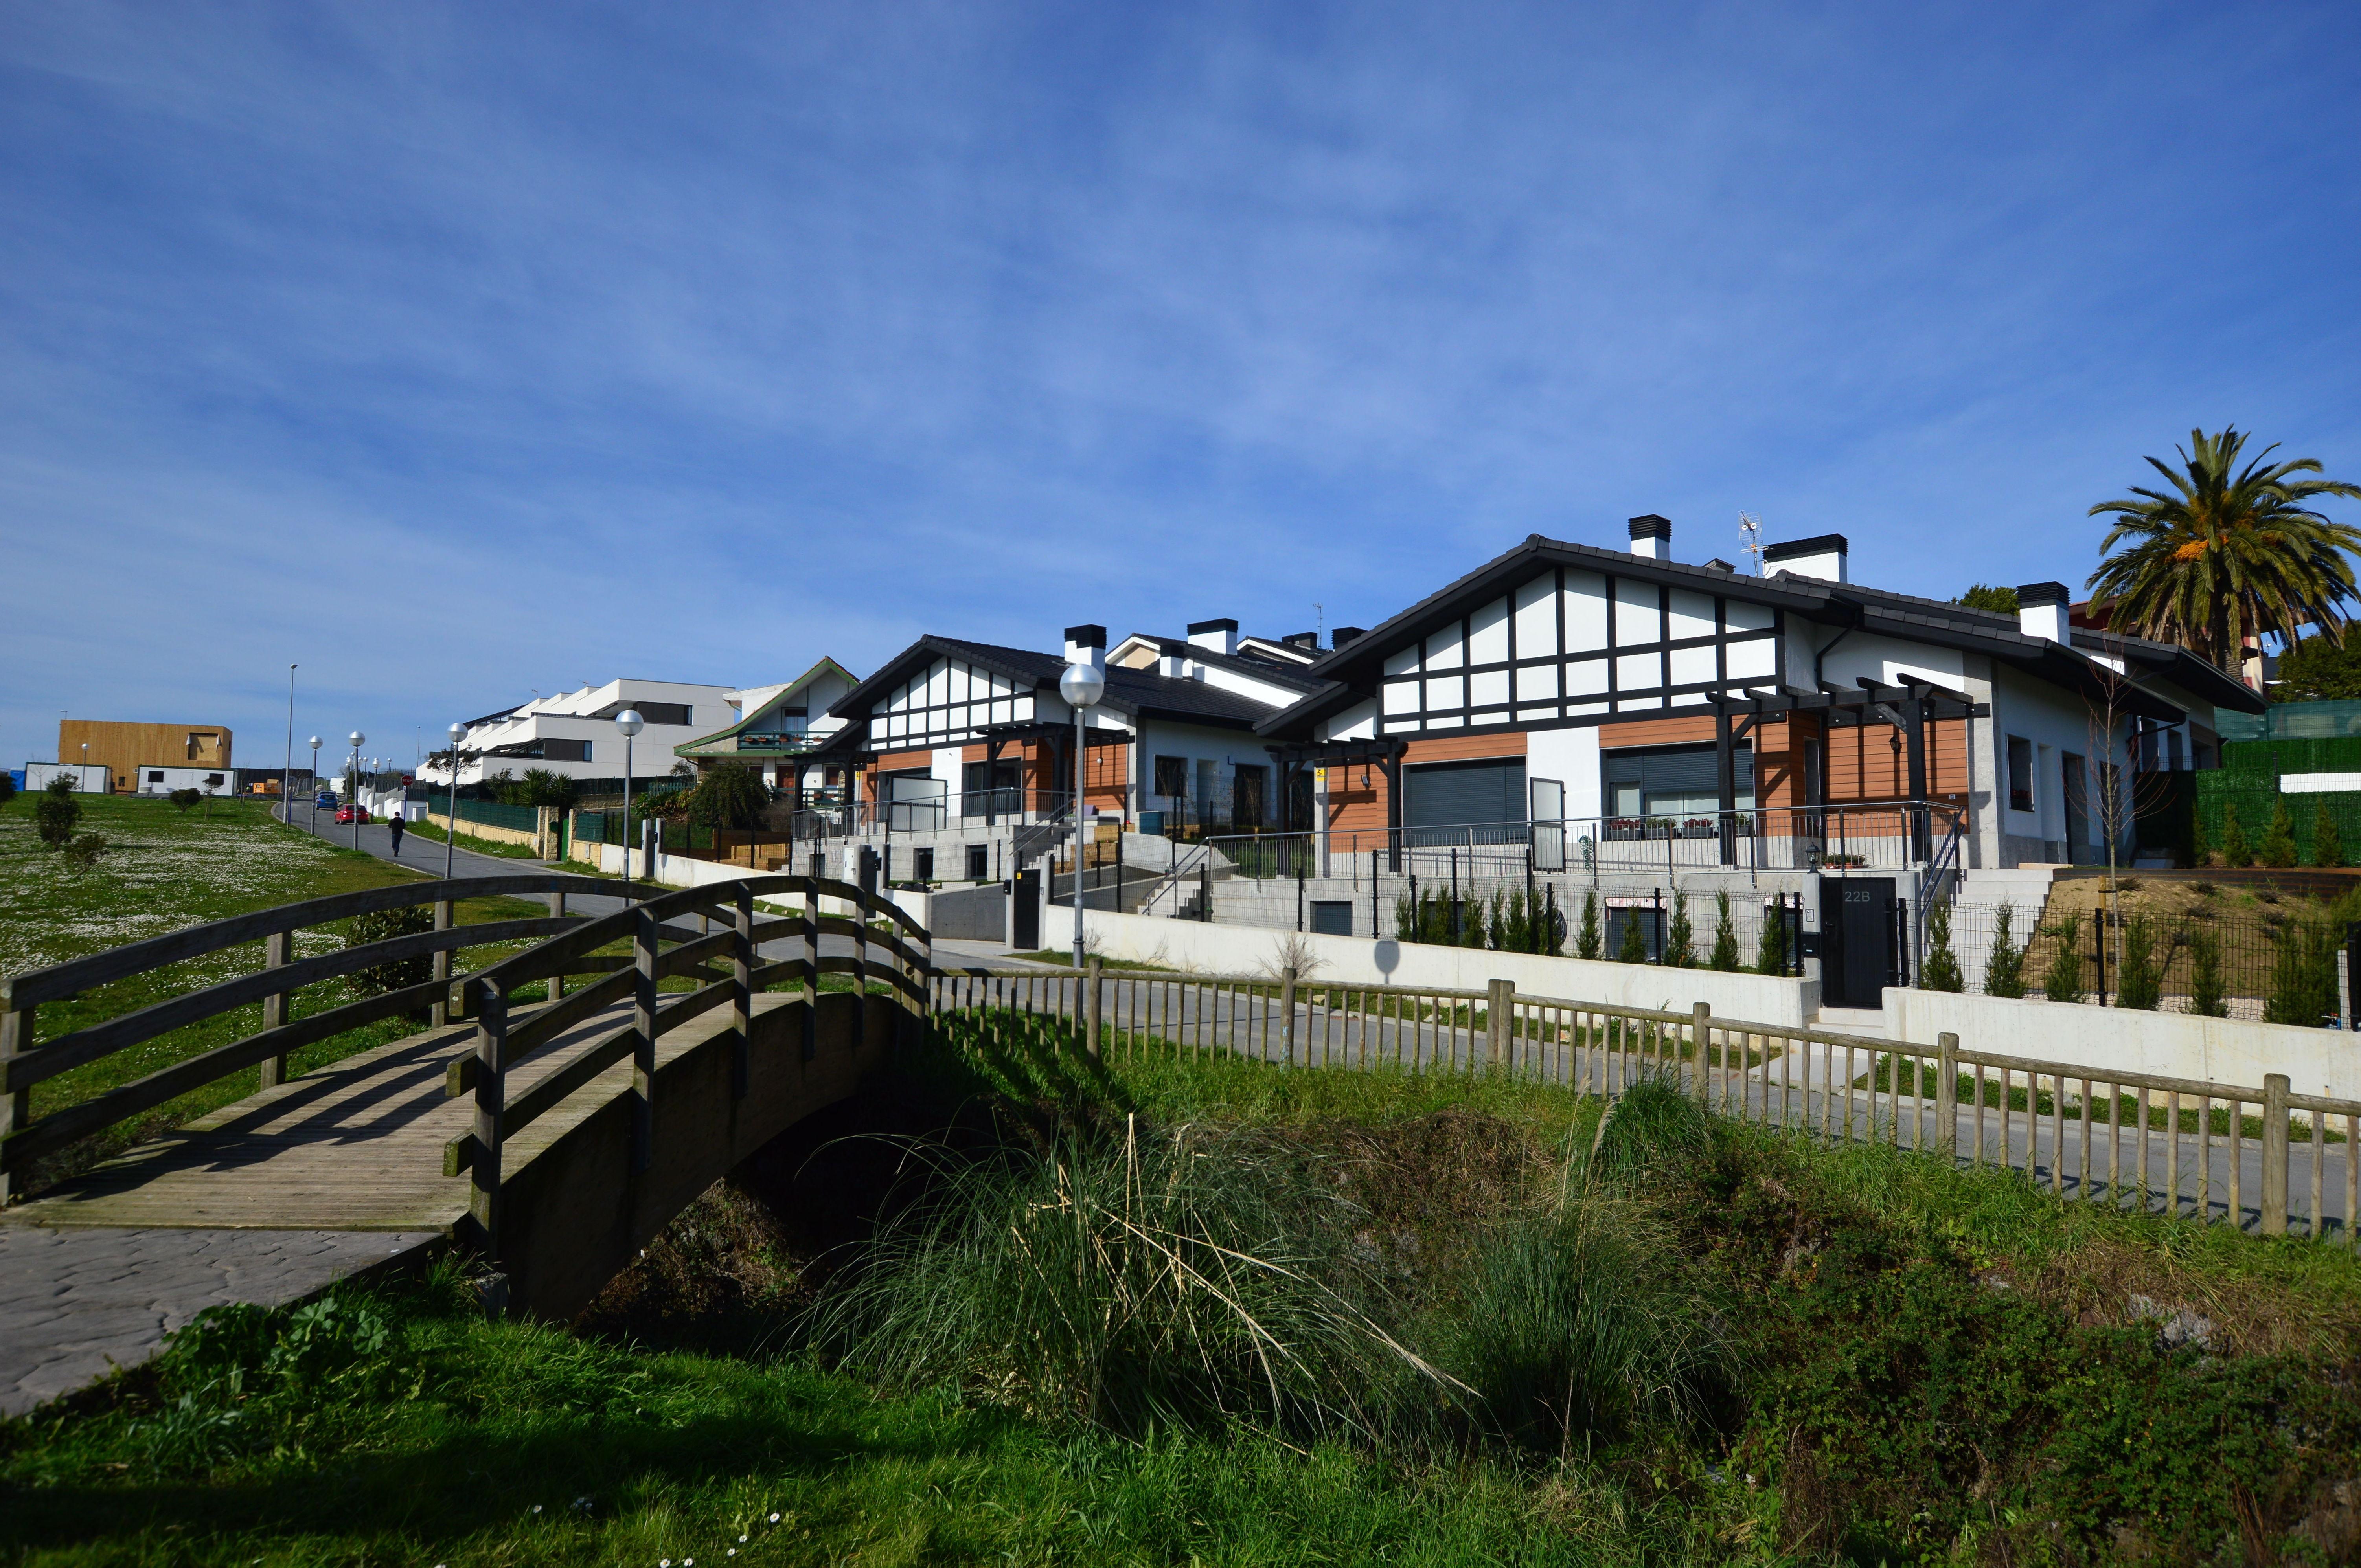 ASUETXE 2, S.COOP.            8 viviendas adosadas en el sector de Asu de SOPELA